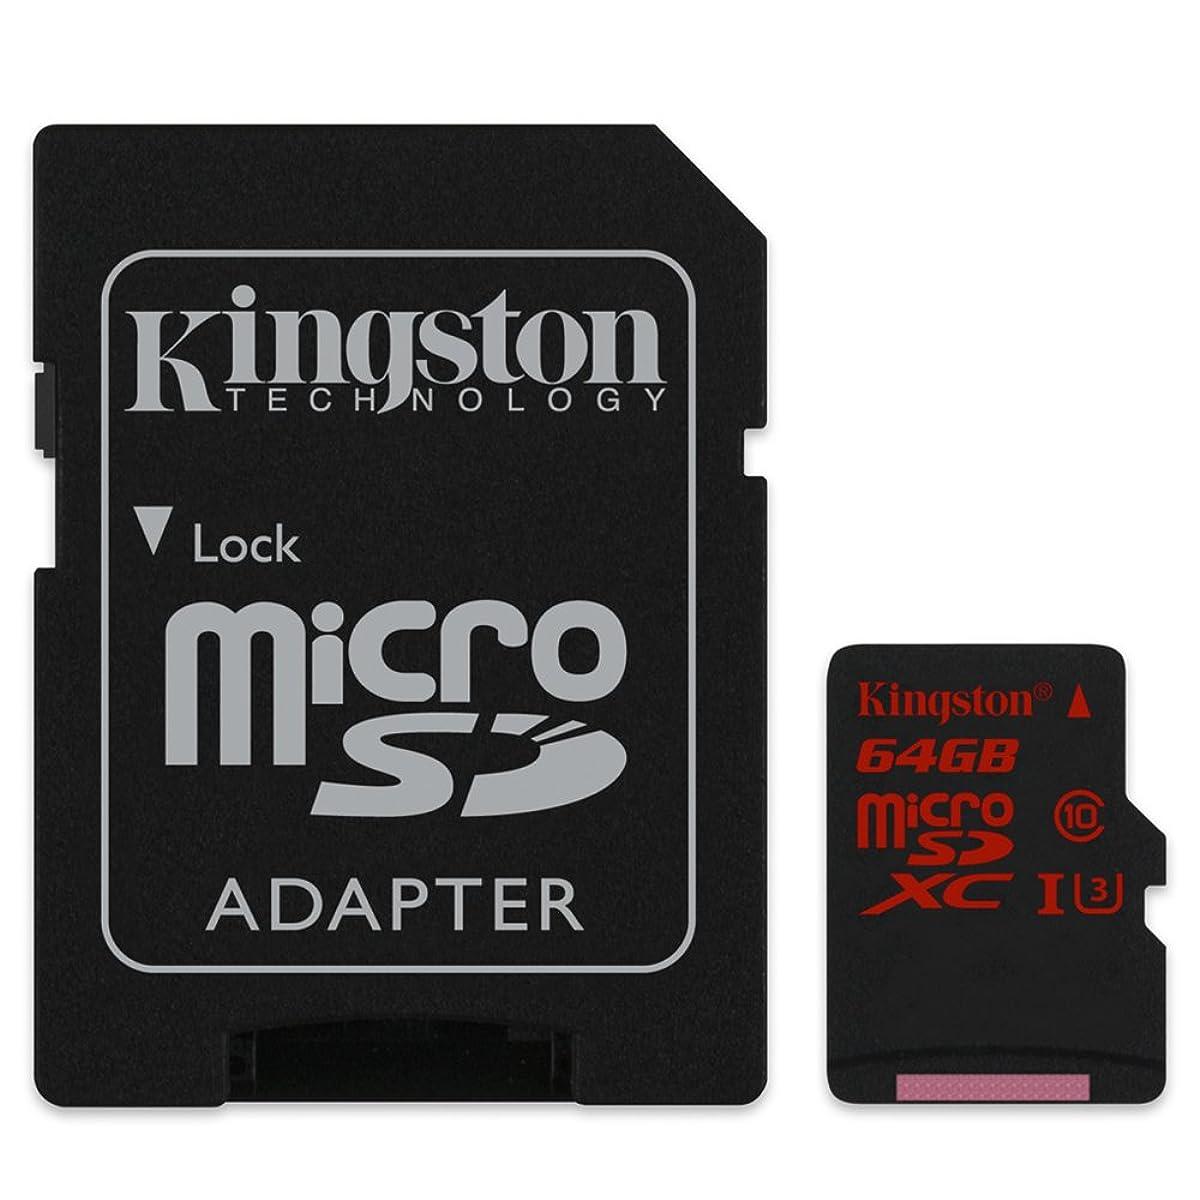 ラック有益な悩みキングストン Kingston microSDXCカード 64GB クラス U3 UHS-I 対応 アダプタ付 SDCA3/64GB 永久保証